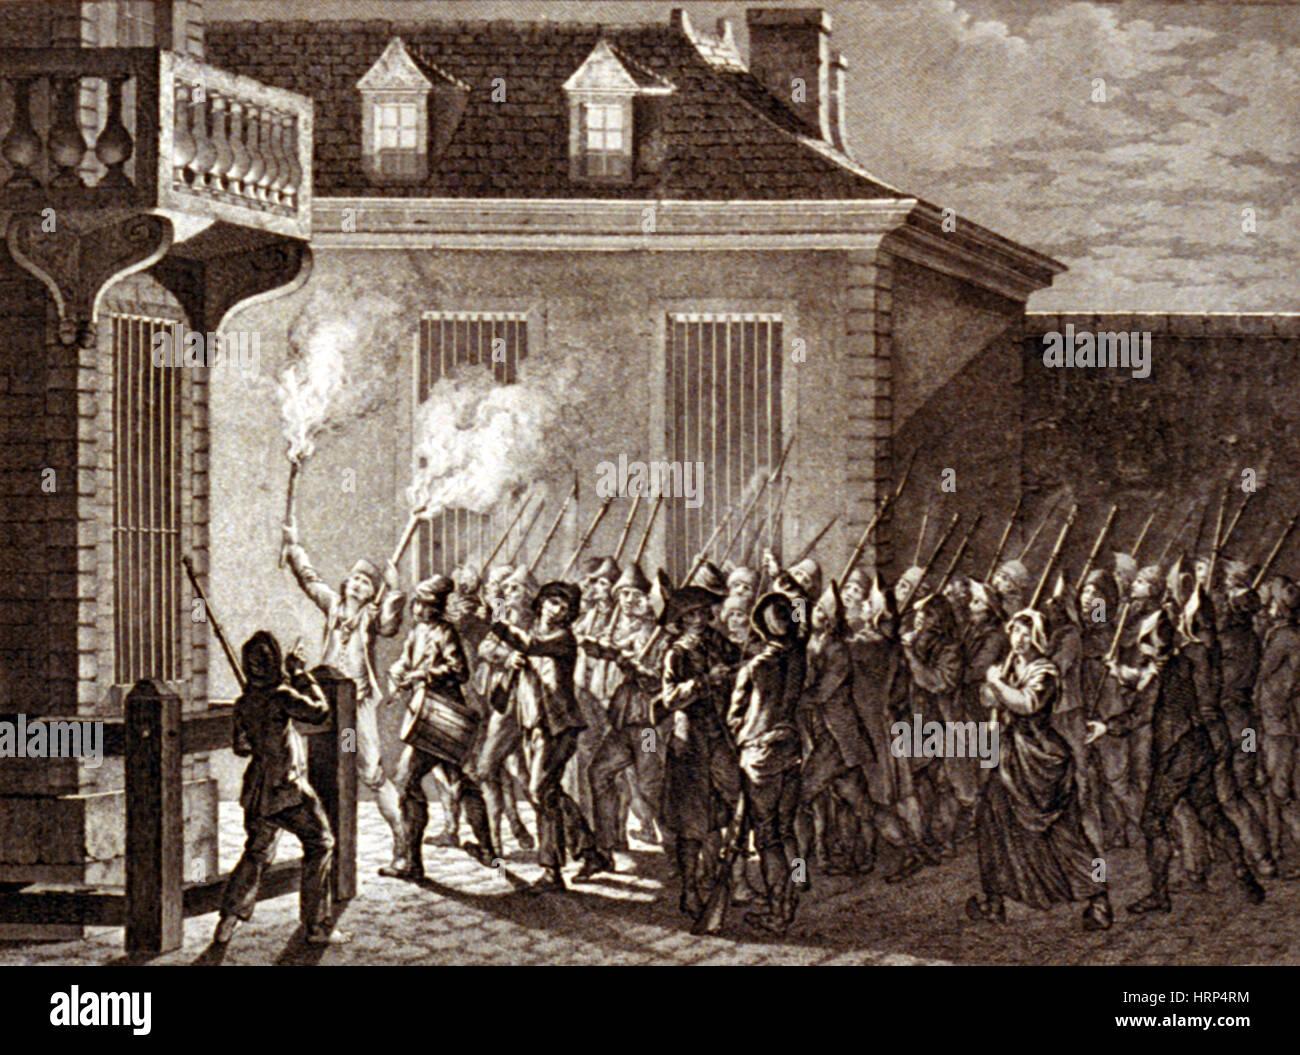 Citizens Patrol in Paris, 1789 - Stock Image